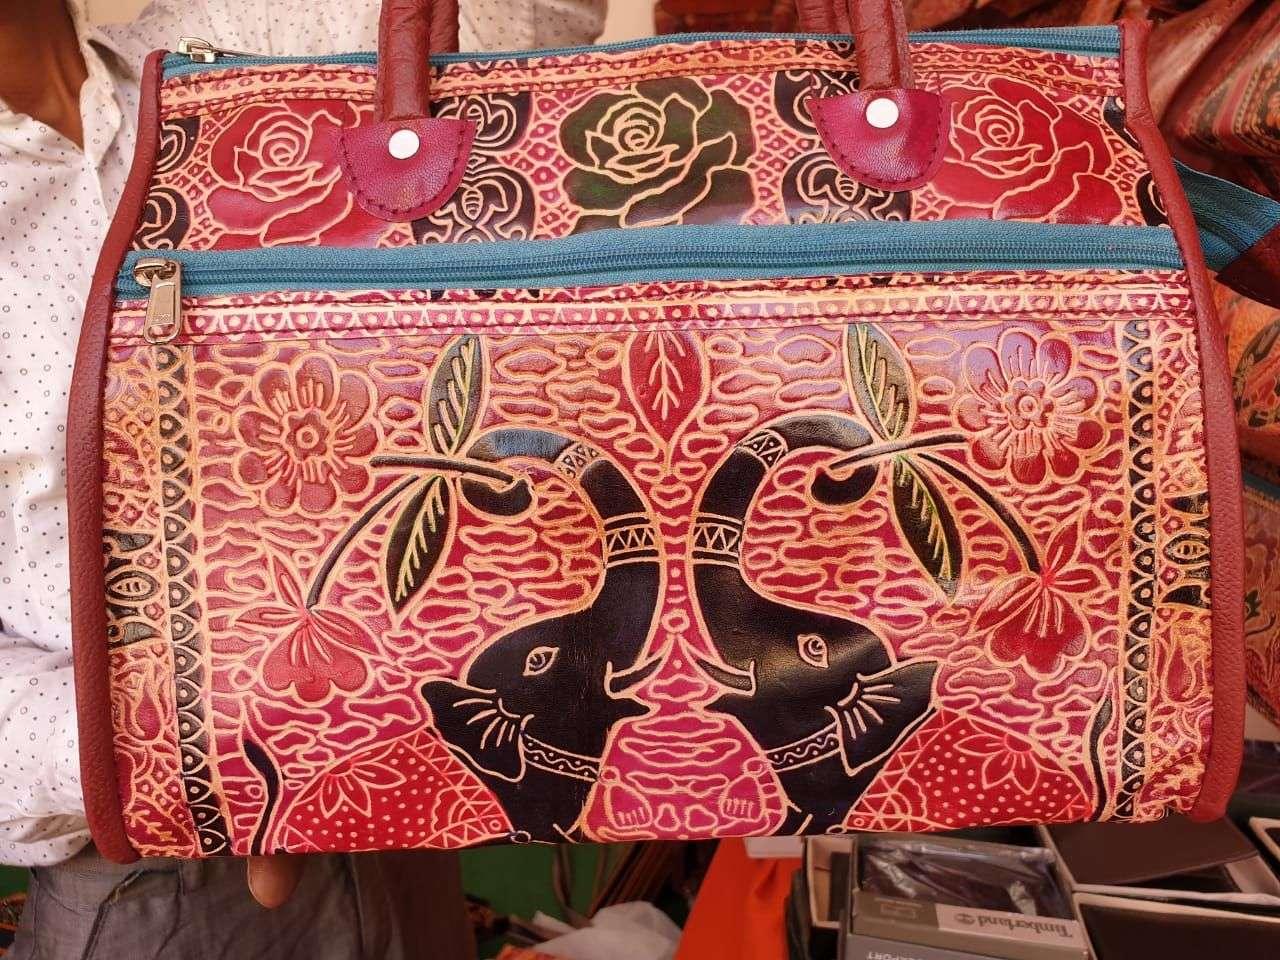 JKK: पिंकसिटी फेस्टिवल के दूसरे दिन बढ़ी रौनक, लोक संस्कृति और दस्तकारी का दिखा अनूठा प्रदर्शन